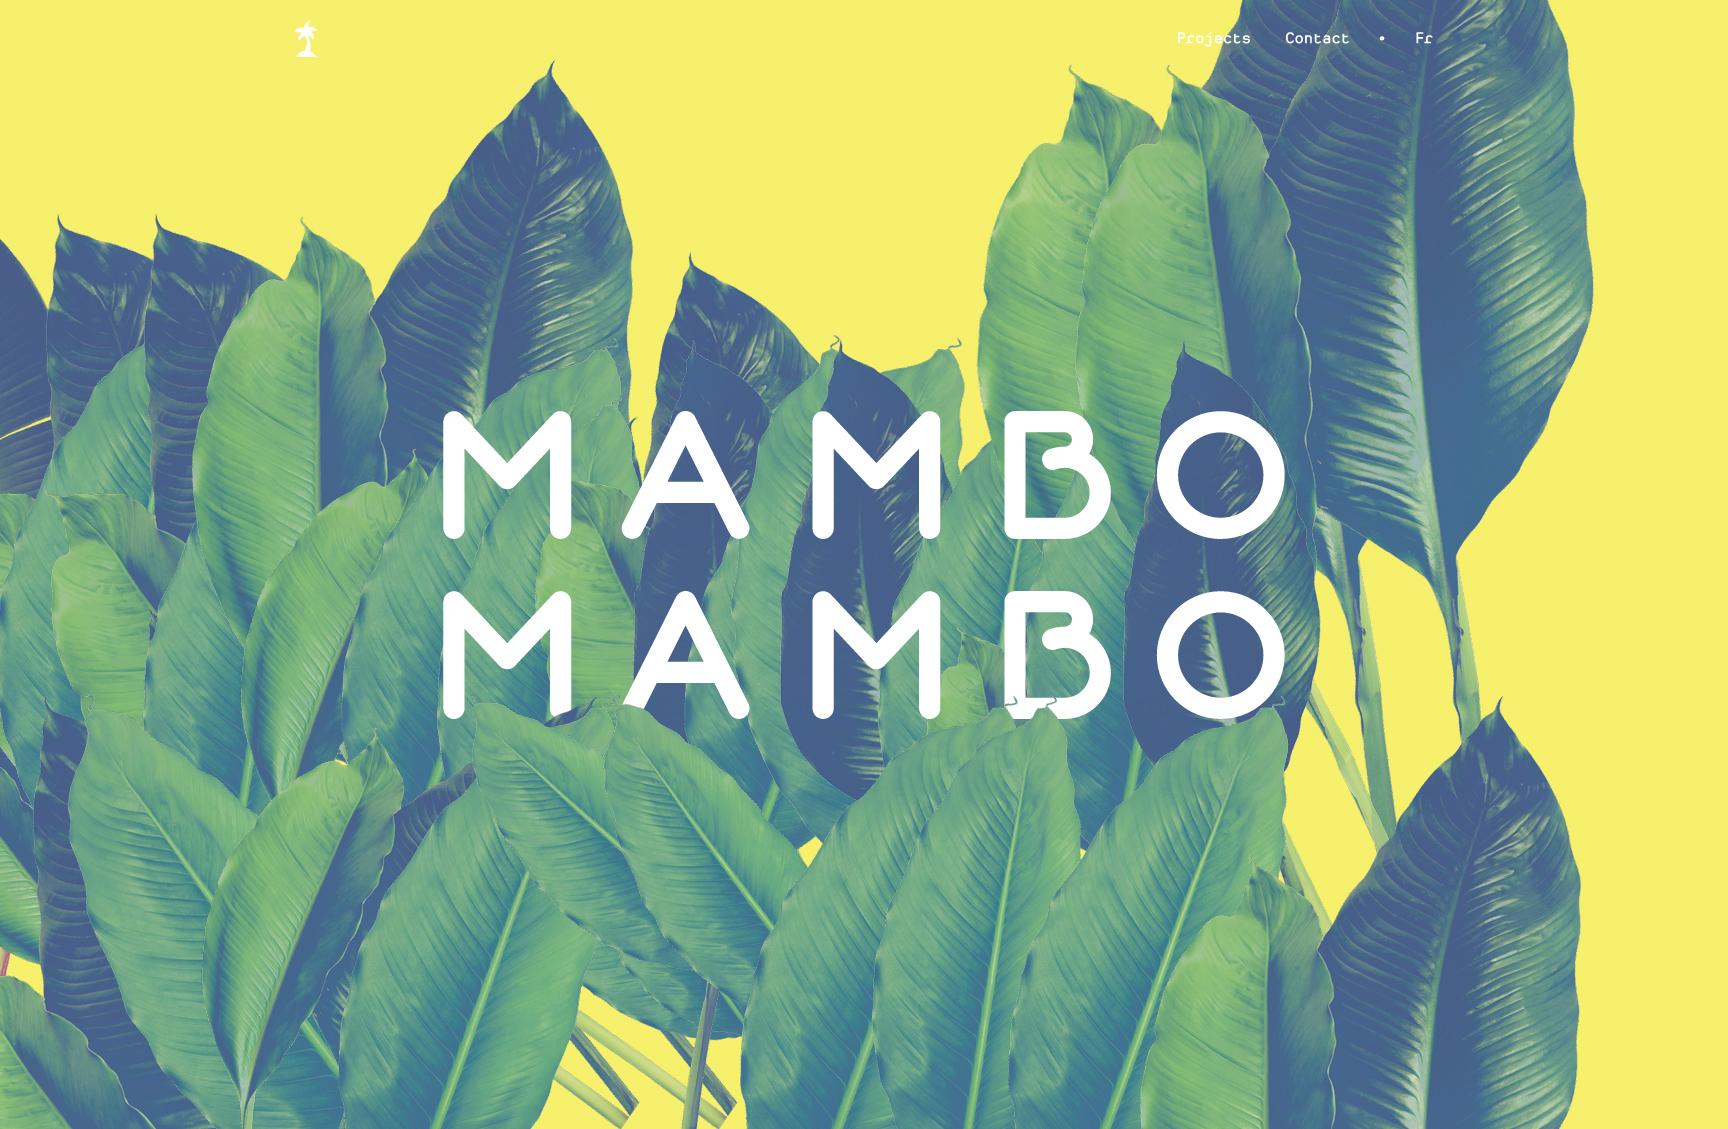 MamboMambo